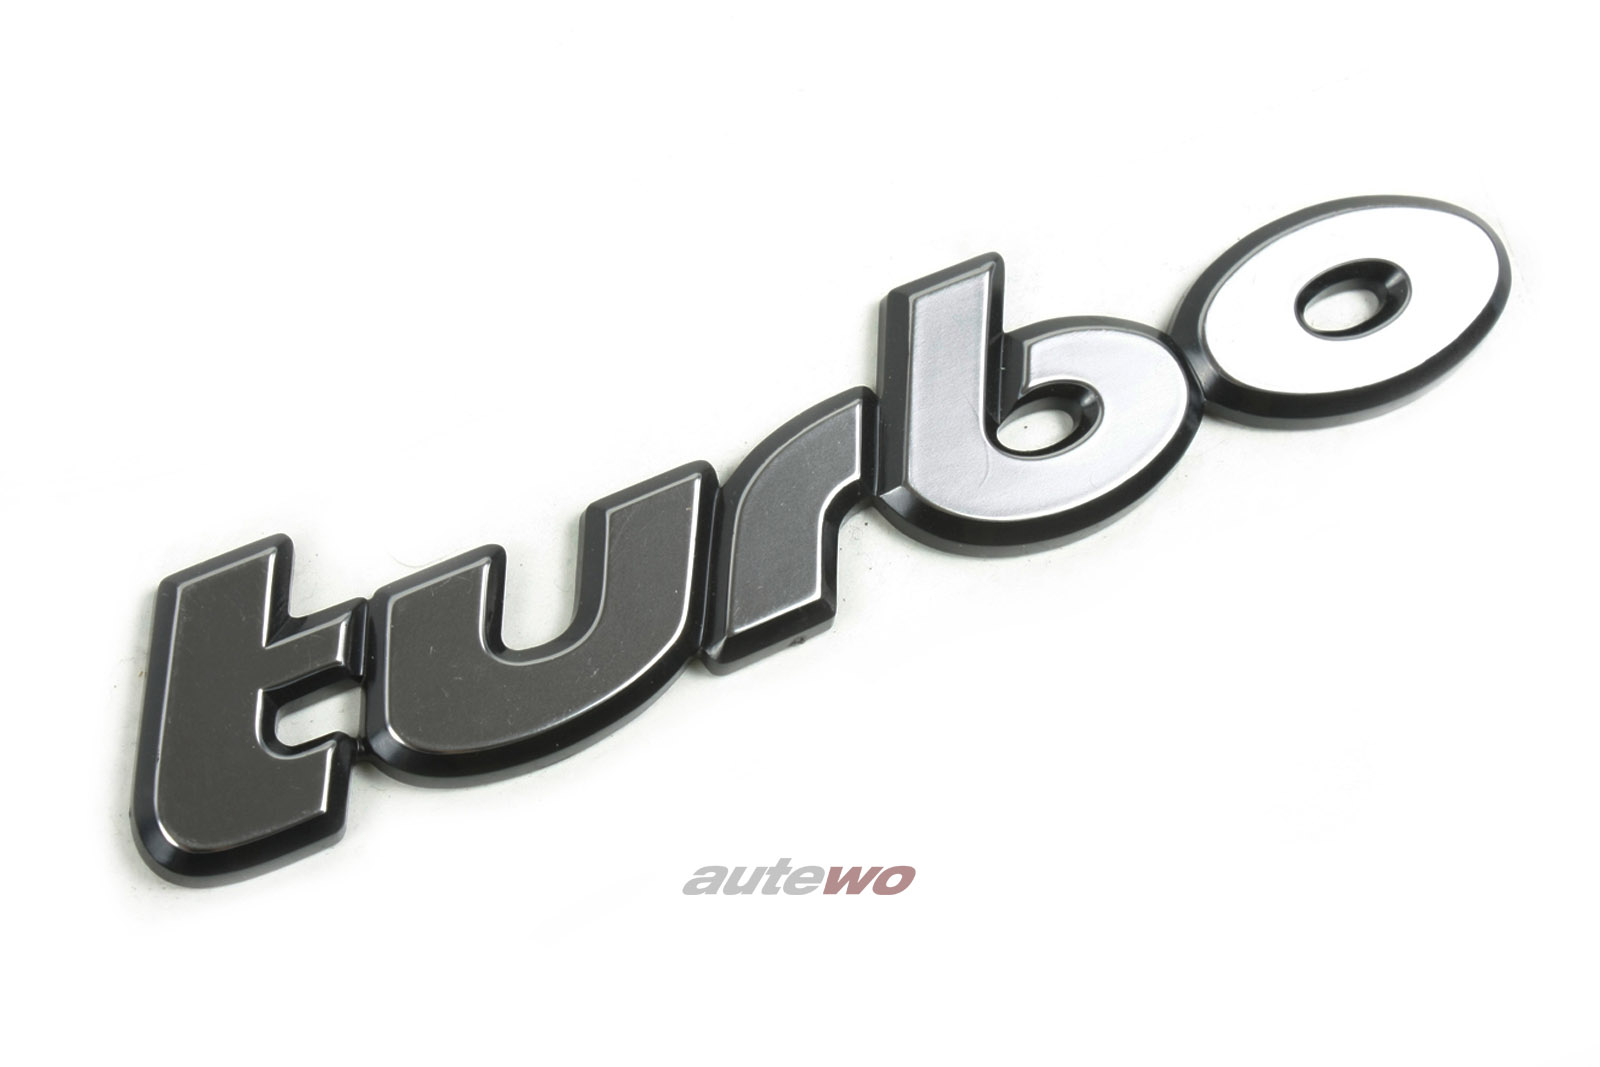 811853737A NEU Audi 80 Typ 81/100 Typ 43 Turbo Schriftzug